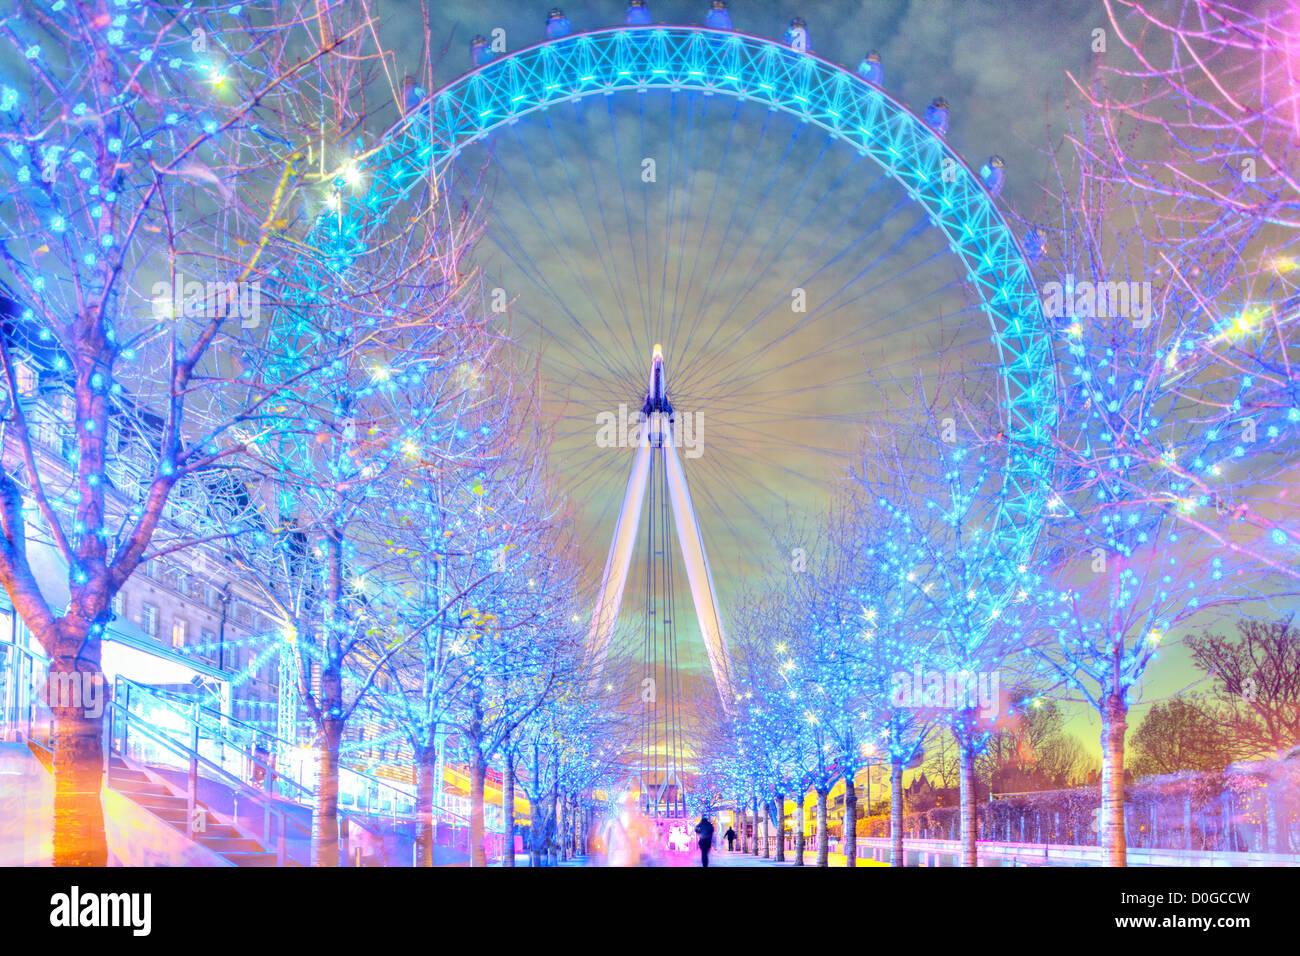 London Eye Millennium Wheel bunt beleuchtet mit festliche Weihnachten Xmas Licht im Winter. Stockbild